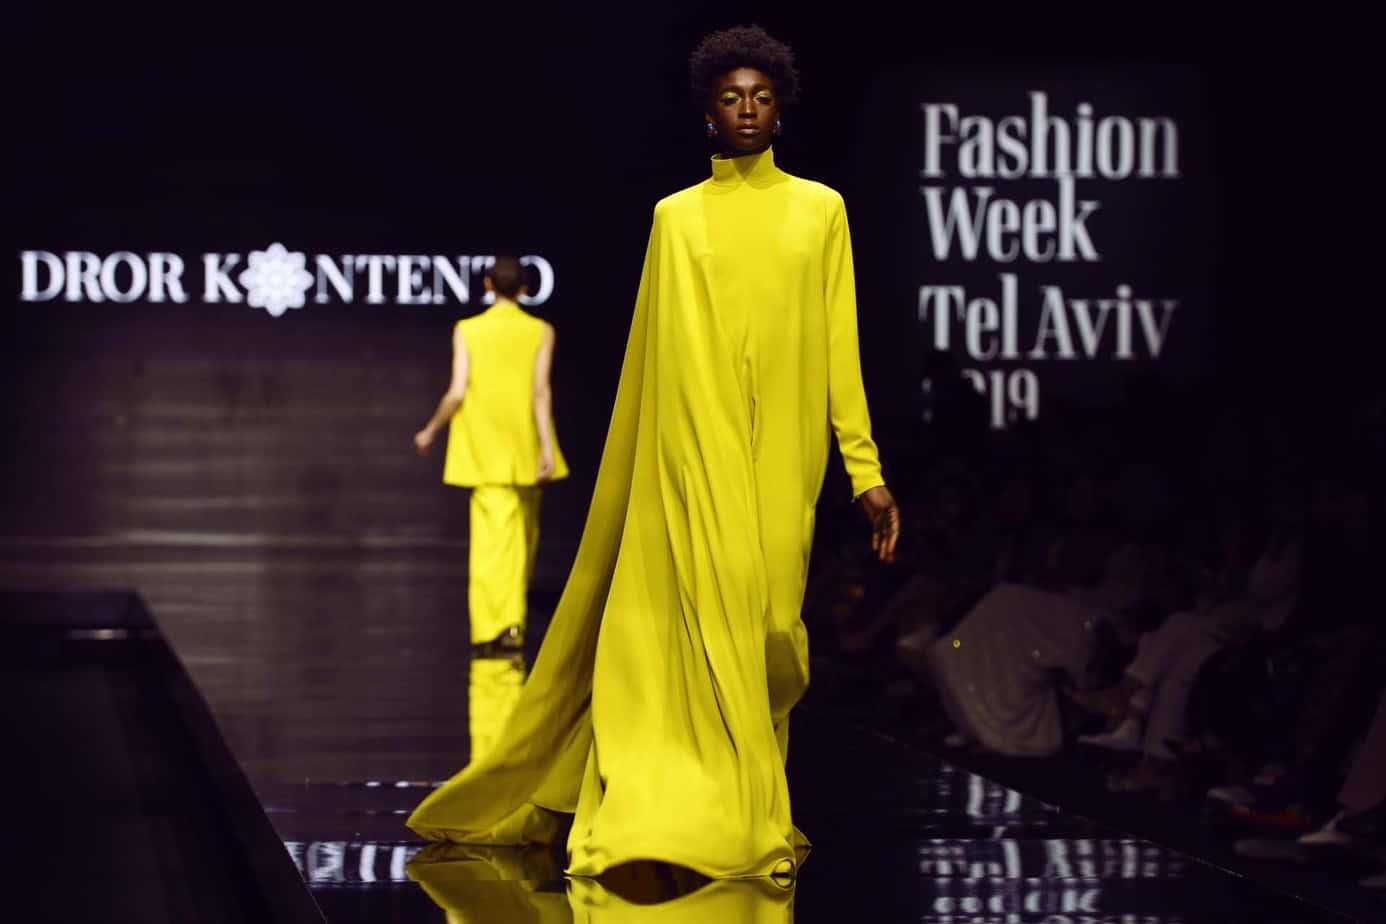 דרור קונטנטו. שבוע האופנה תל אביב. צילום עומר רביבי - 7